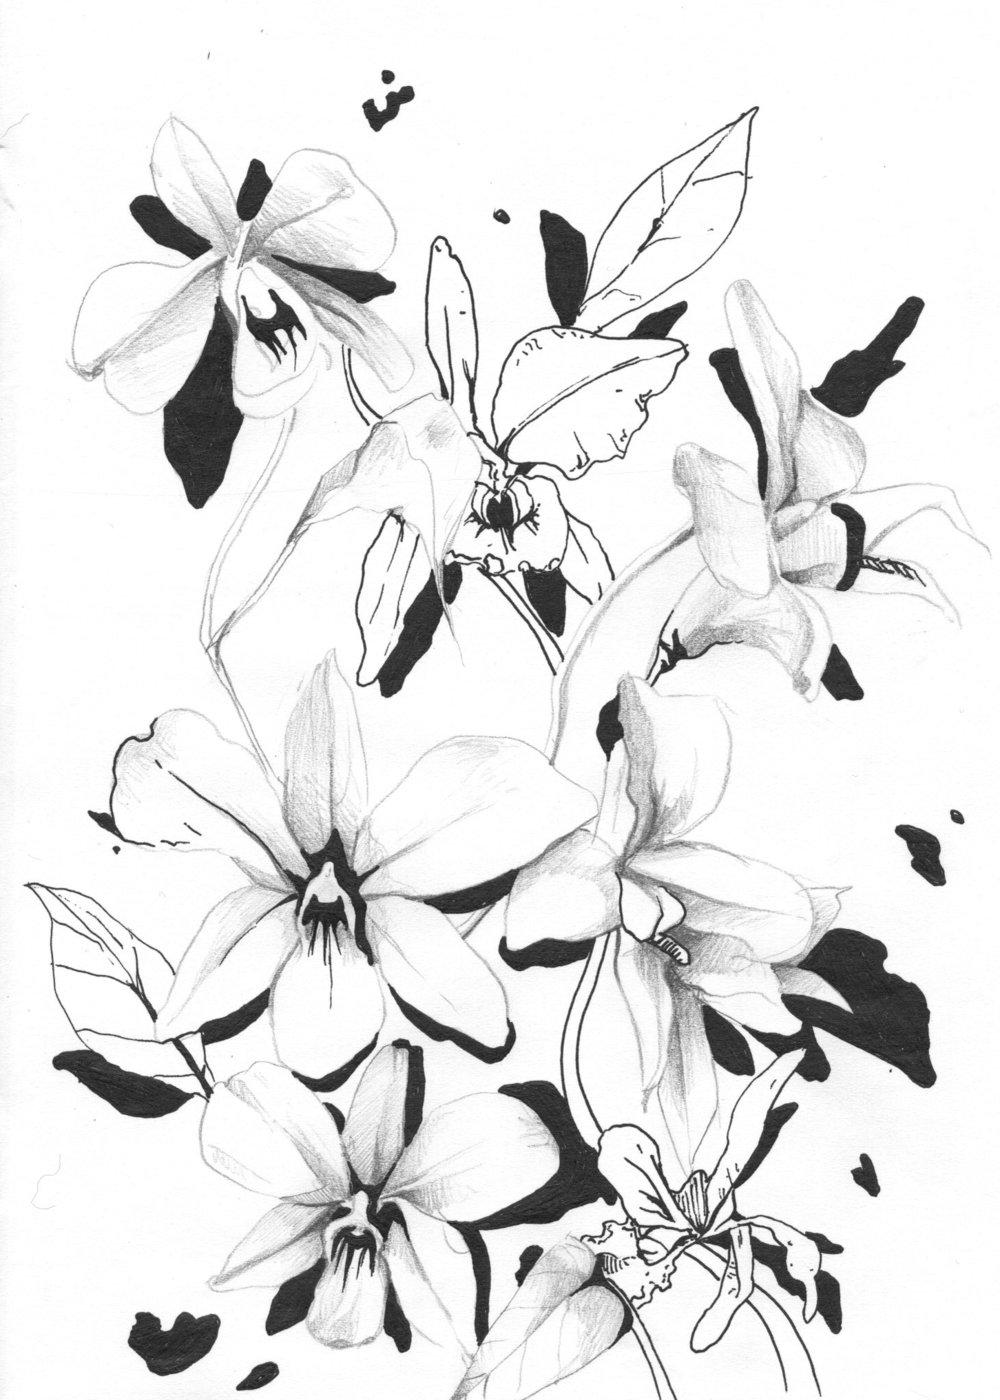 tropflower002.jpg